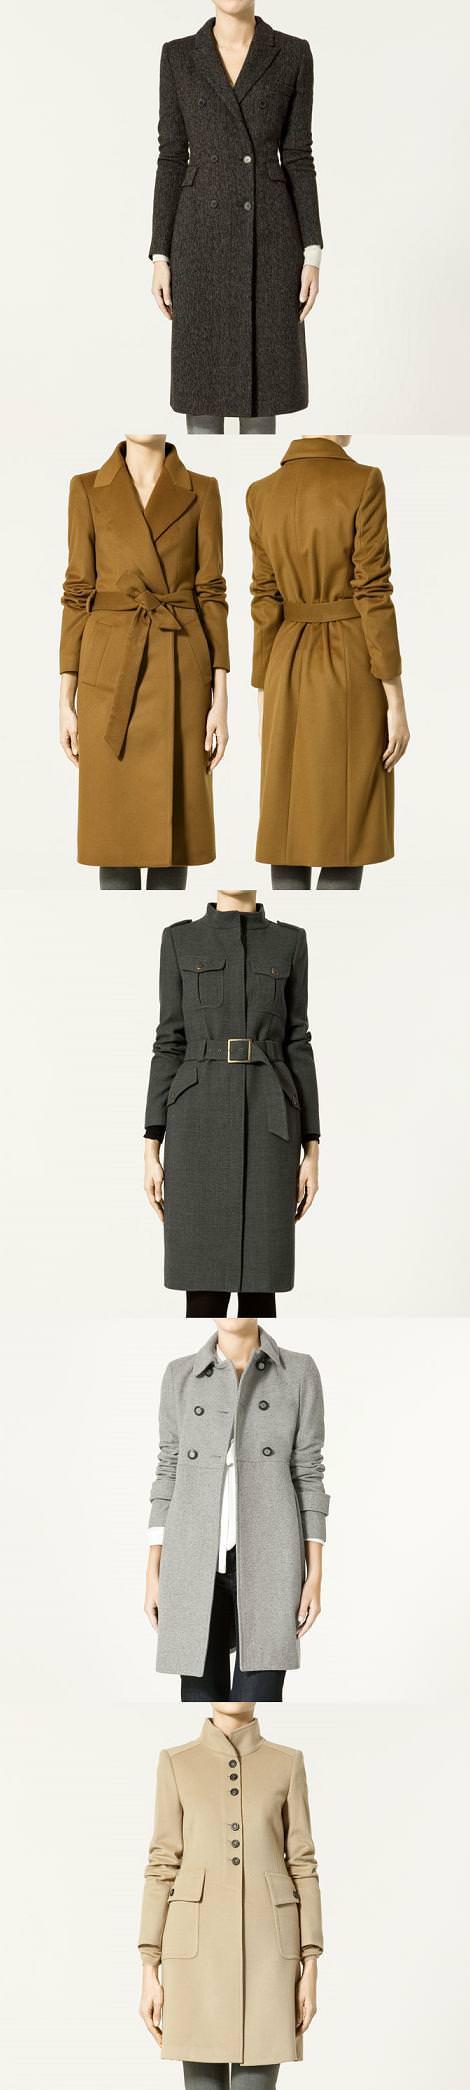 Nuevos abrigos de Zara (otoño invierno 2010 2011)